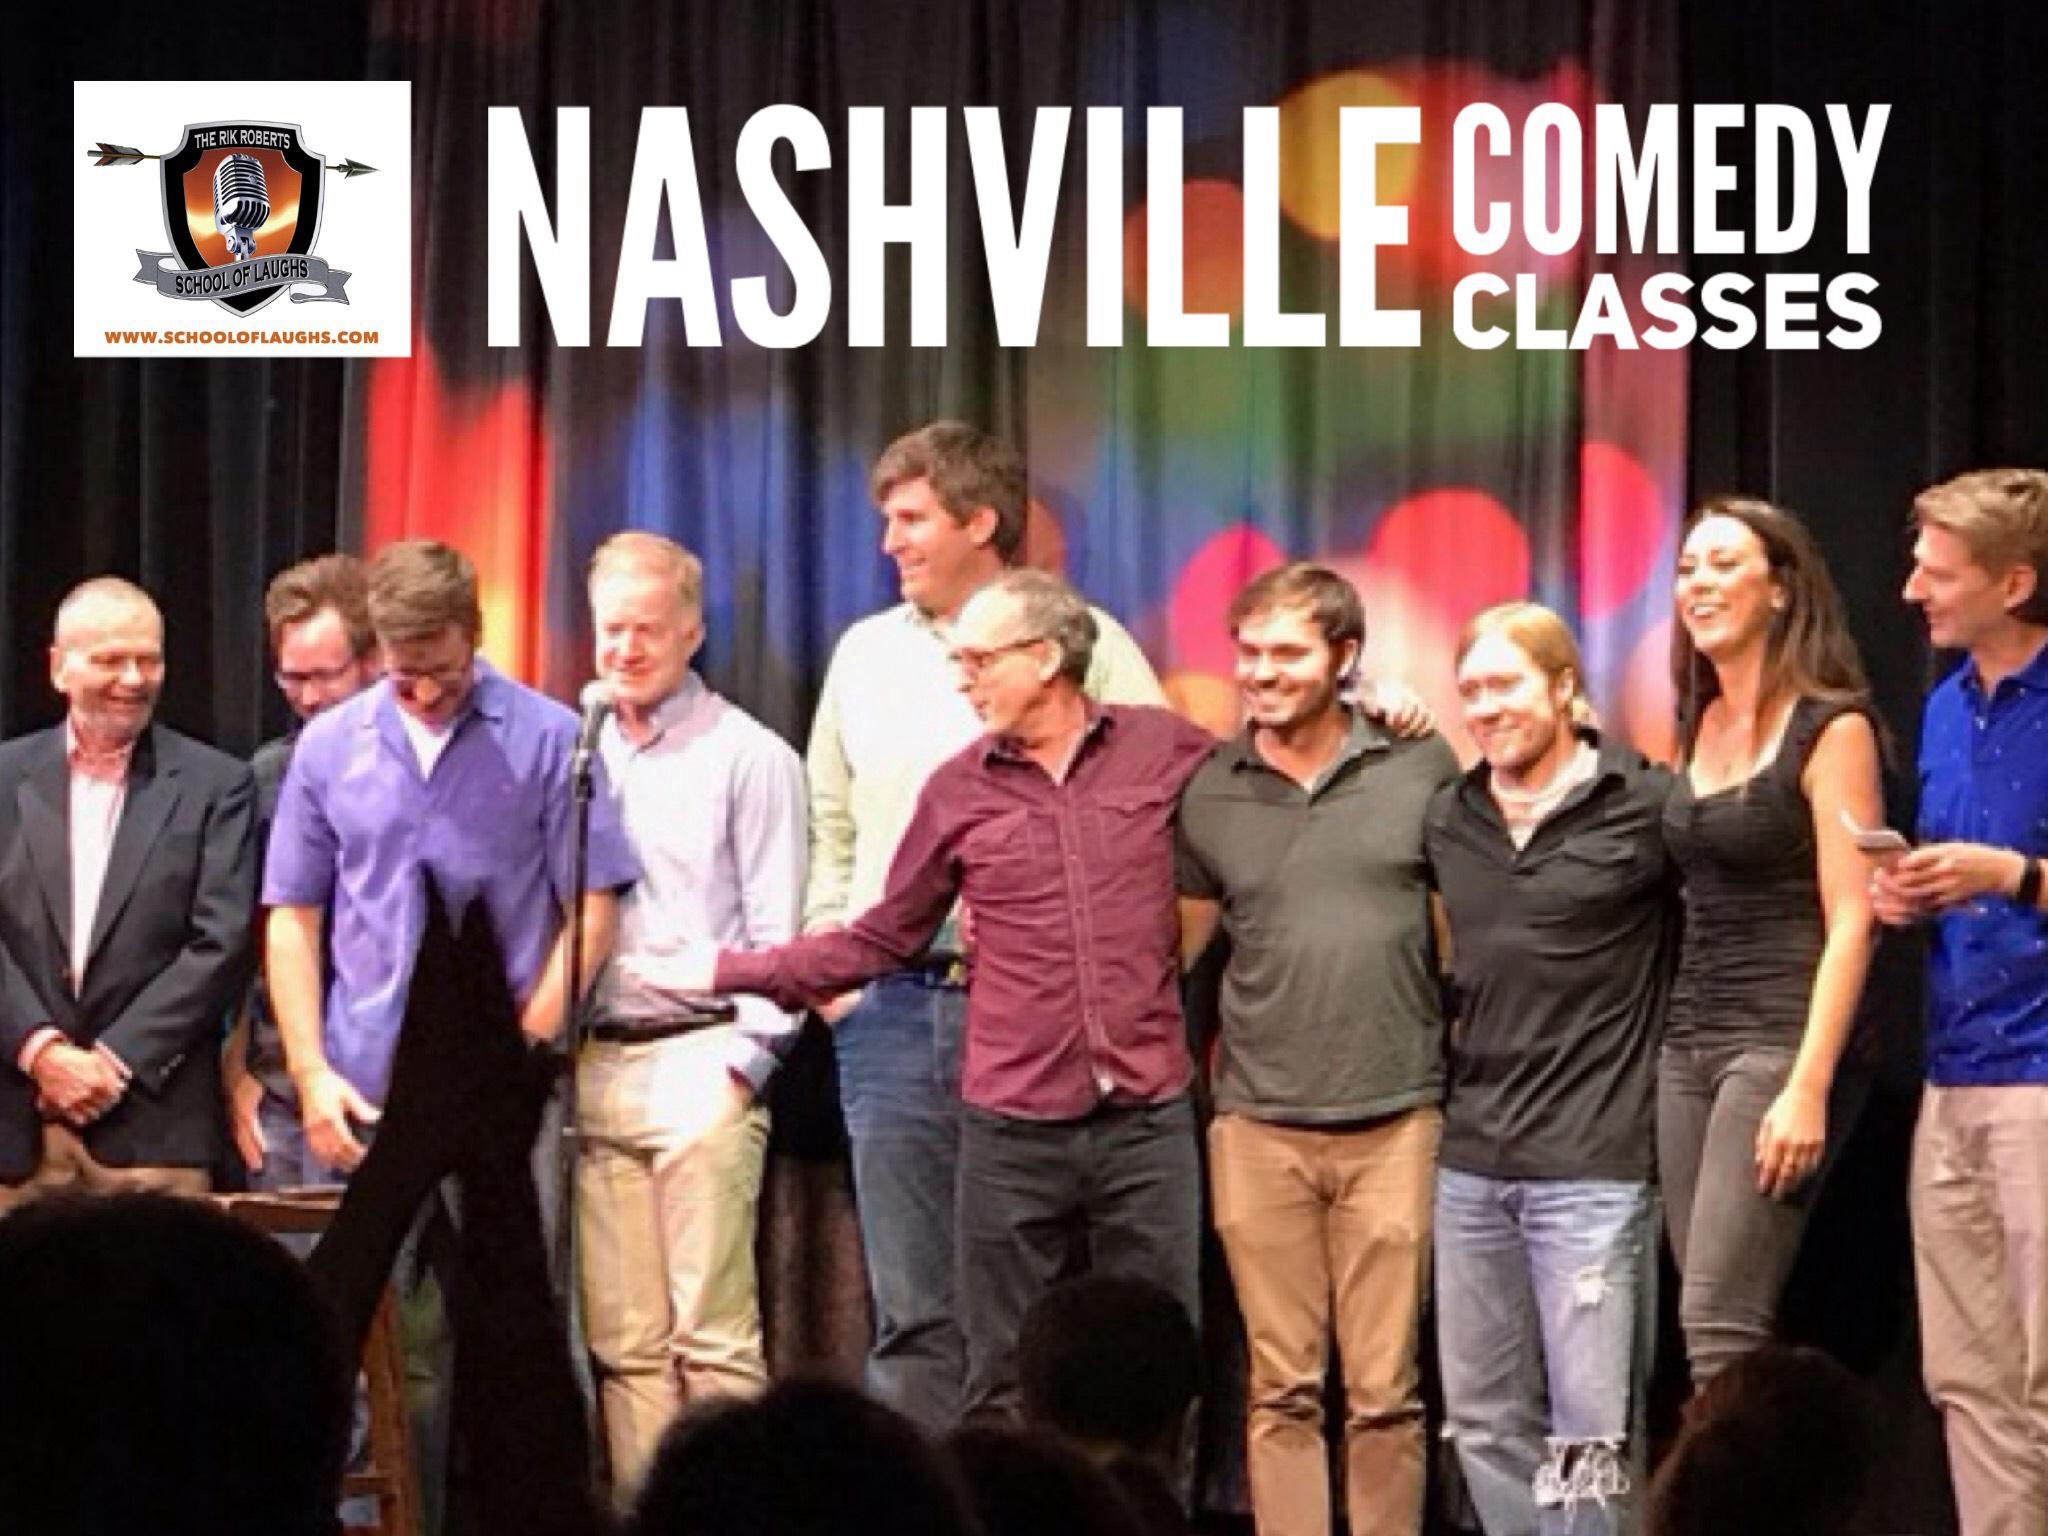 nashville comedy classes